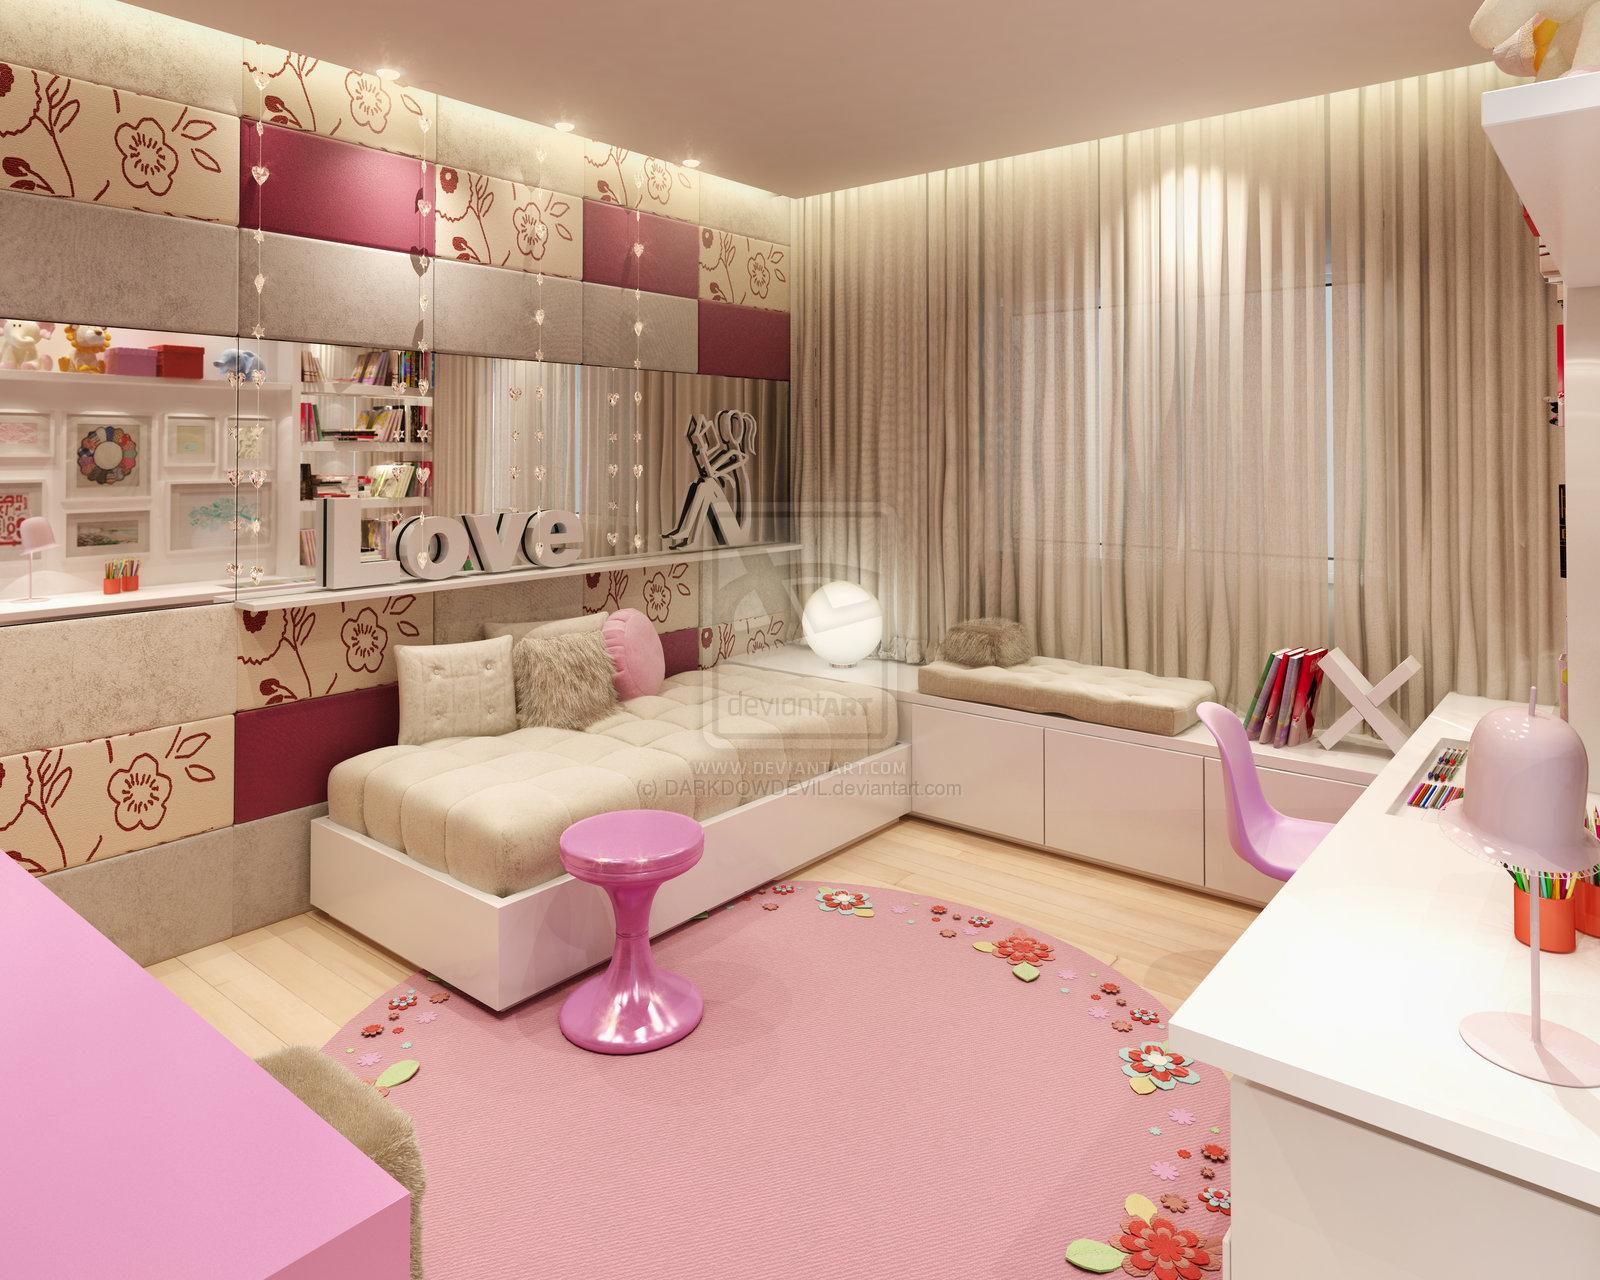 http://3.bp.blogspot.com/_y6KIPvOYMOA/TKw1P2BNEjI/AAAAAAAADFM/HmGMlsKRhdE/s1600/girl_bedroom_by_DARKDOWDEVIL.jpg